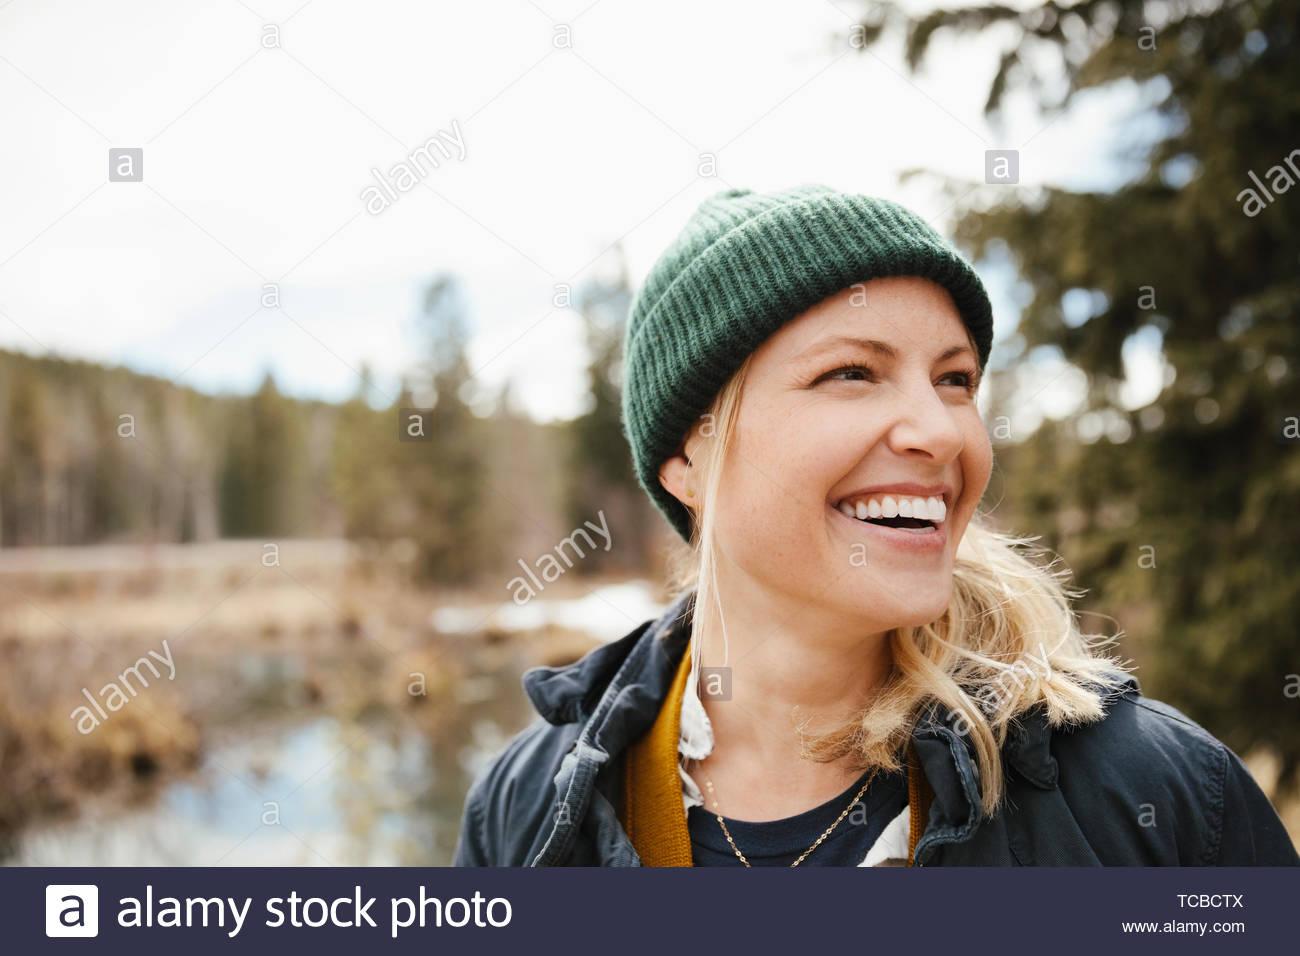 Feliz, despreocupada mujer senderismo en el bosque Imagen De Stock